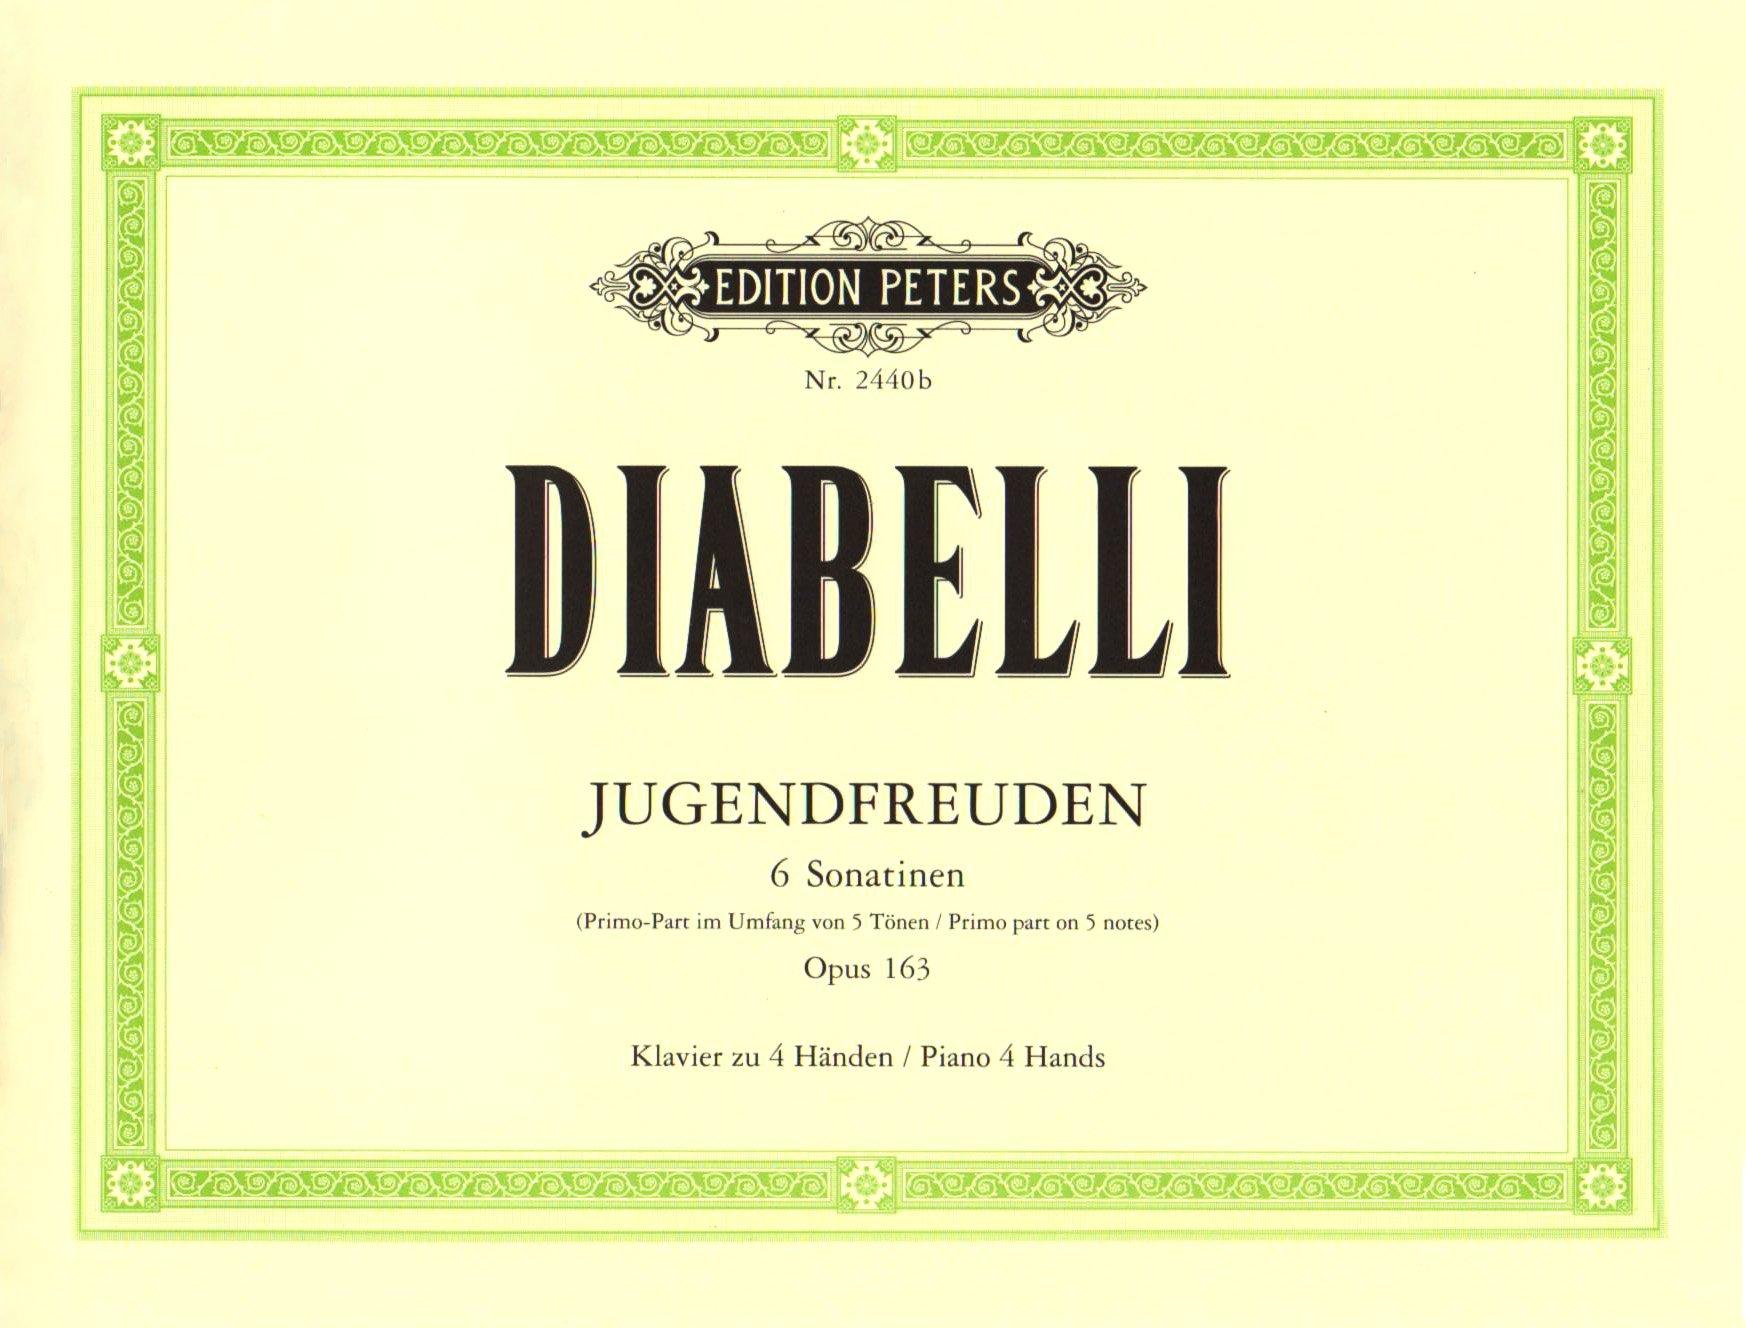 jugendfreuden-sechs-sonatinen-fr-klavier-zu-4-hnden-opus-163